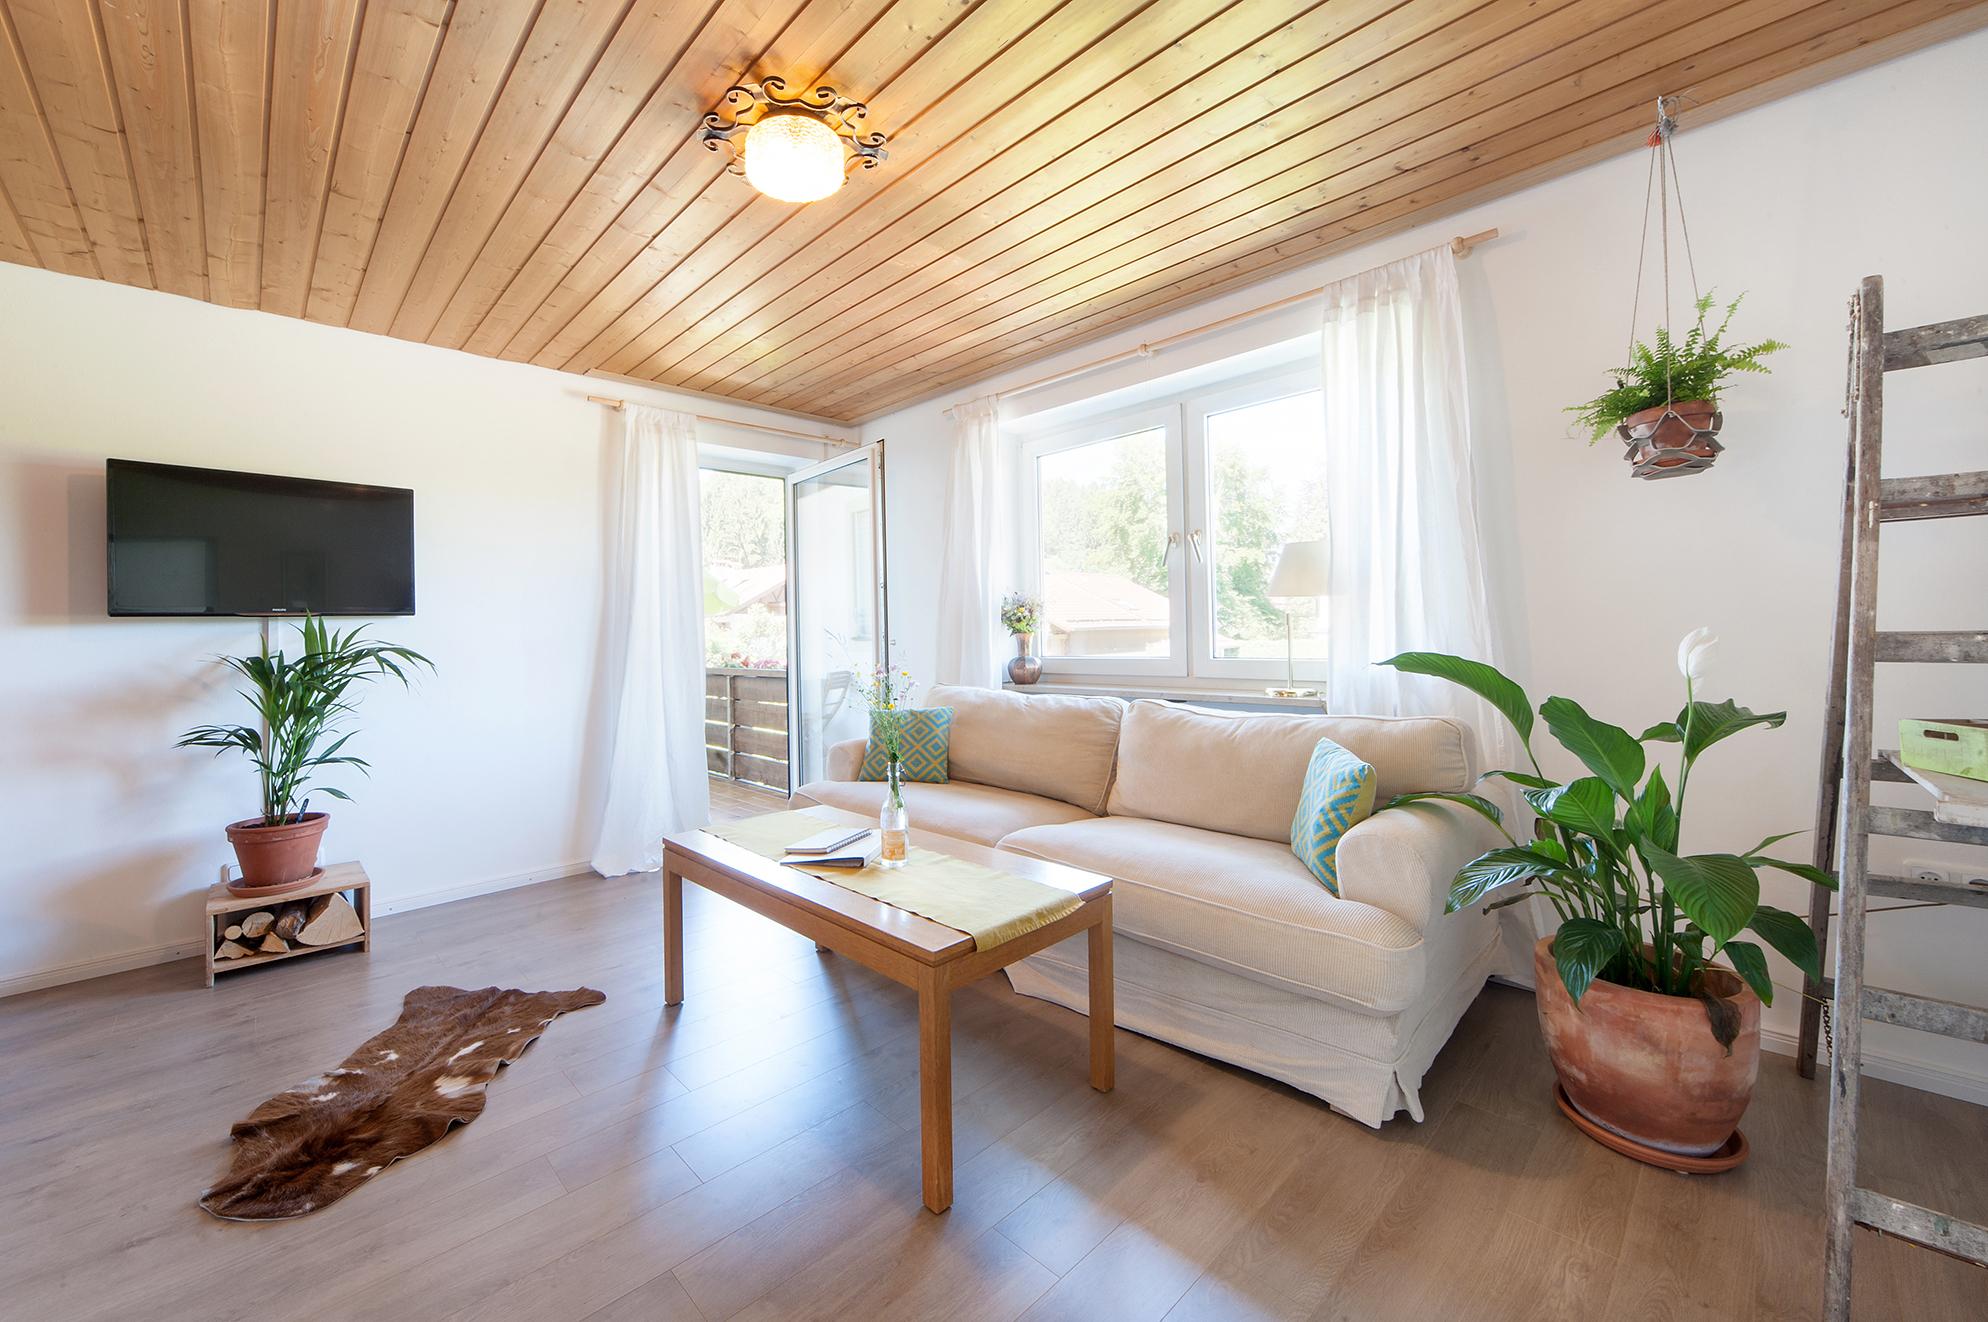 Wohnzimmer_3.jpg